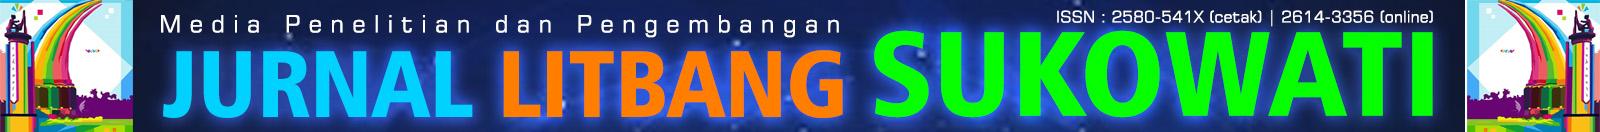 Jurnal Litbang Sukowati : Media Penelitian dan Pengembangan